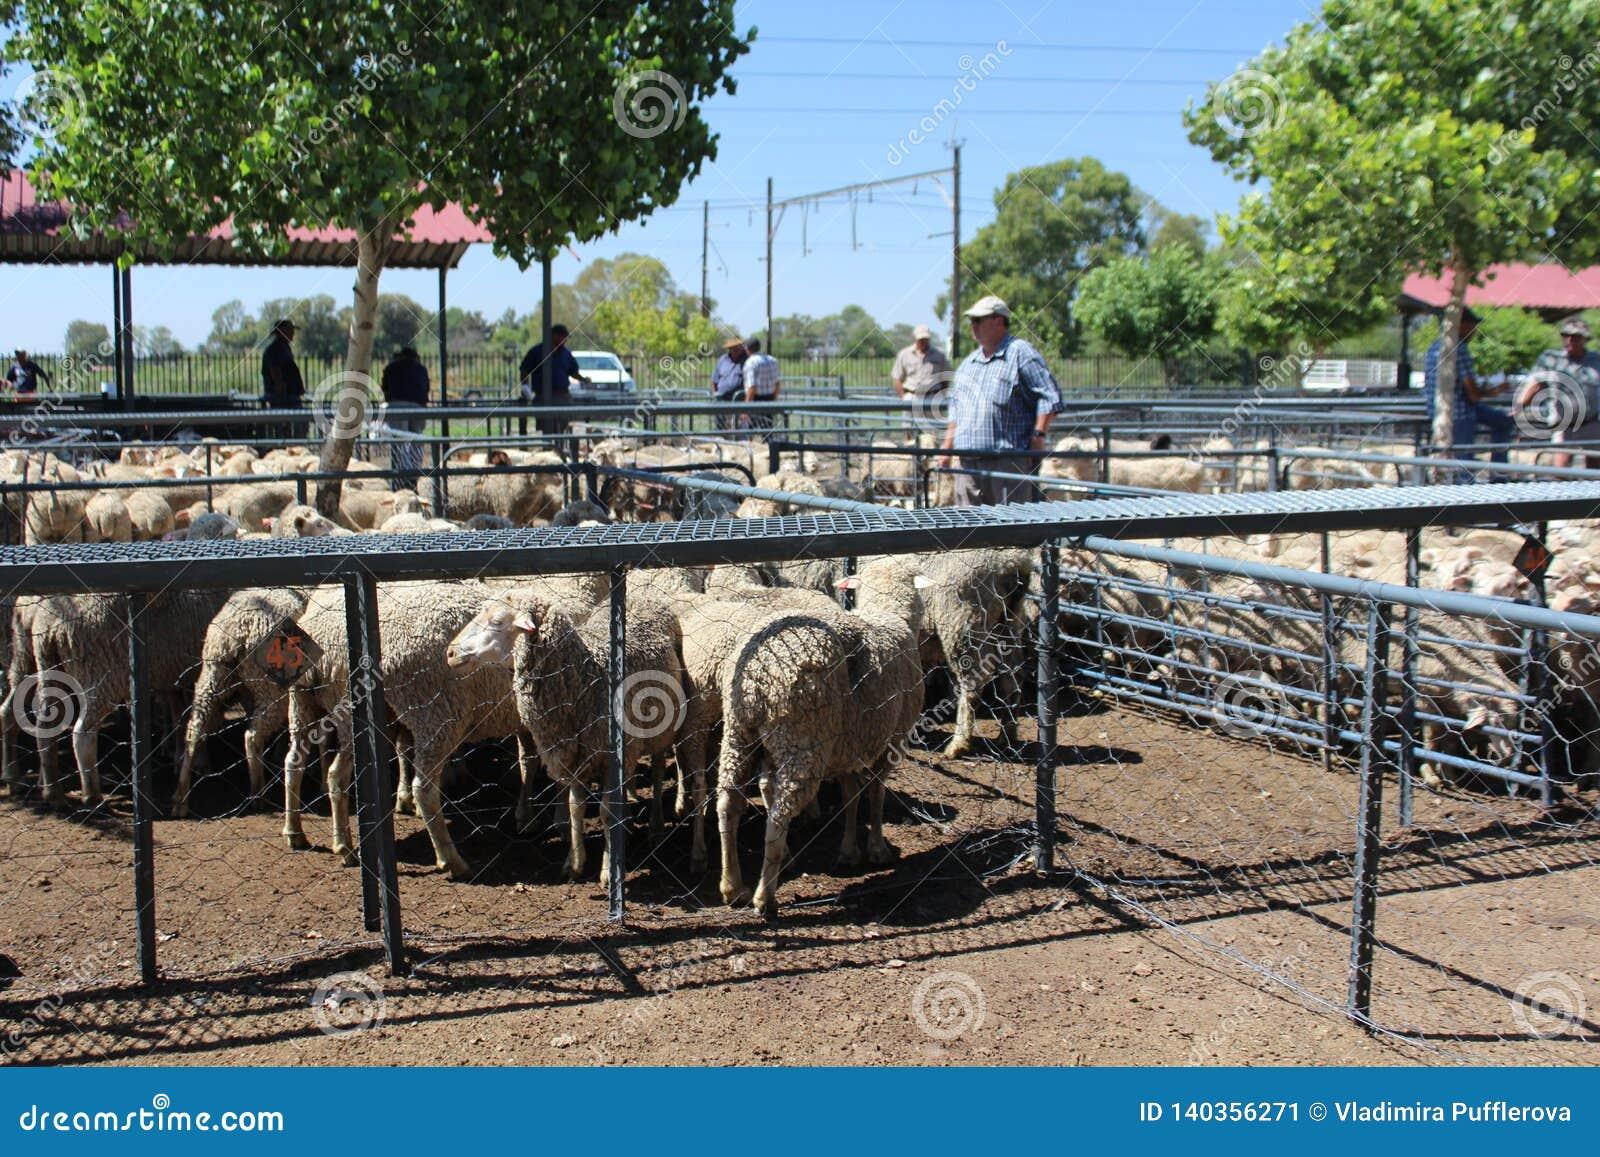 Αγρότες που προσέχουν τα πρόβατα στα συνημμένα σε μια δημοπρασία του ζωικού κεφαλαίου στο Bloemfontein, Νότια Αφρική